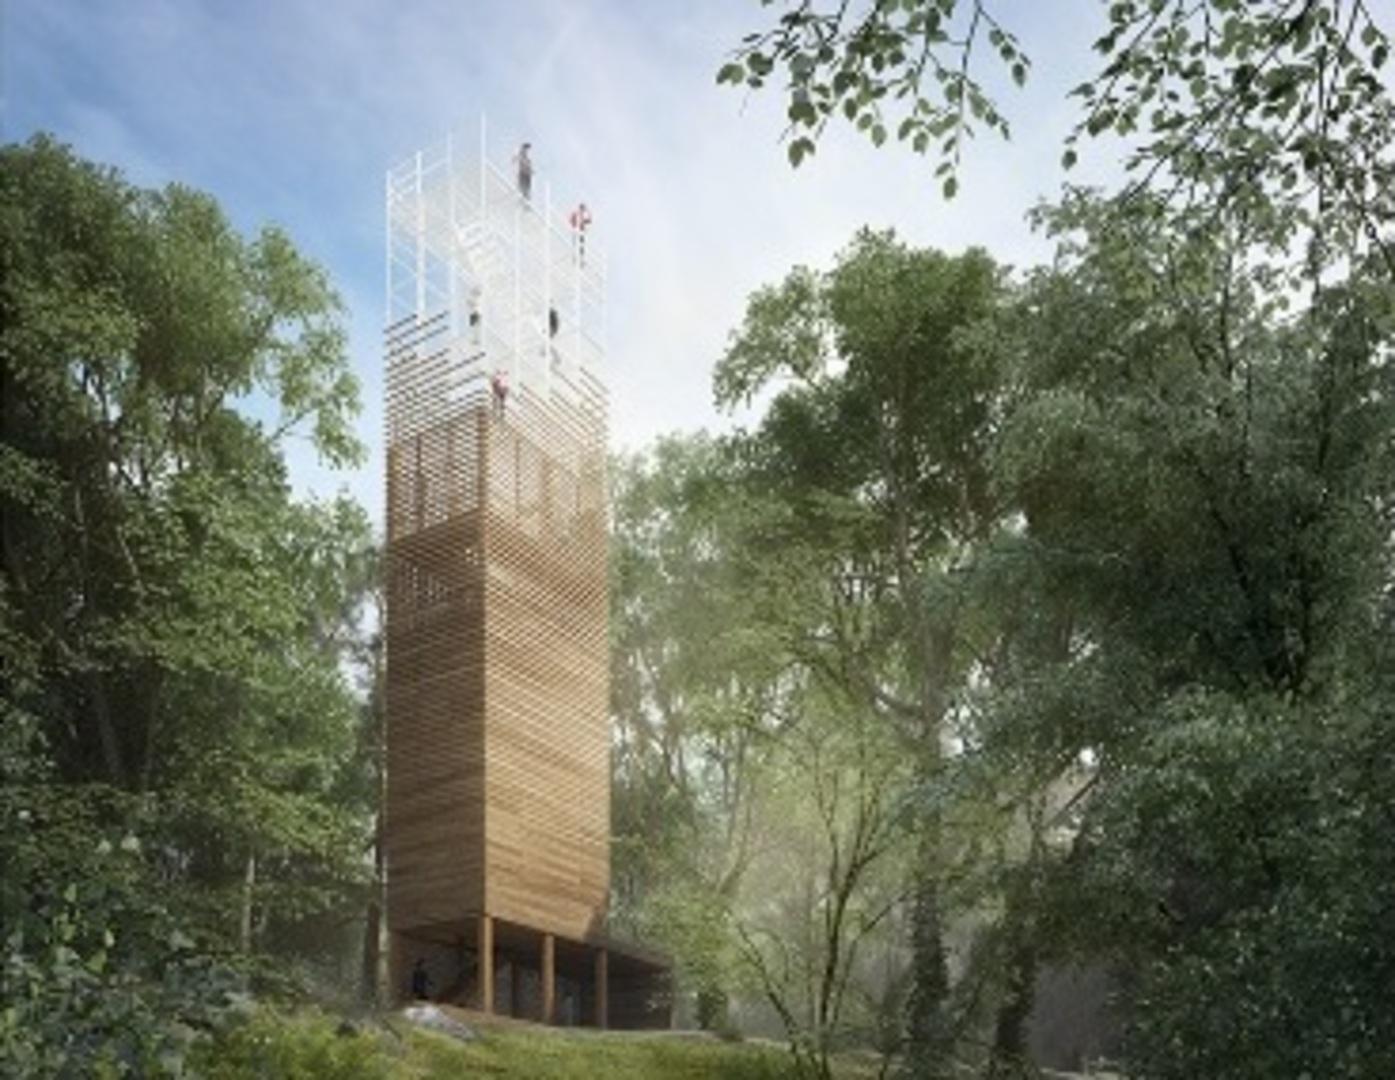 """d46742db6 V roku 2016 oblastná organizácia cestovného ruchu Malá Fatra vyhlásila  verejnú anonymnú architektonickú súťaž návrhov """"Vyhliadková veža na Dubni,""""  do ktorej ..."""